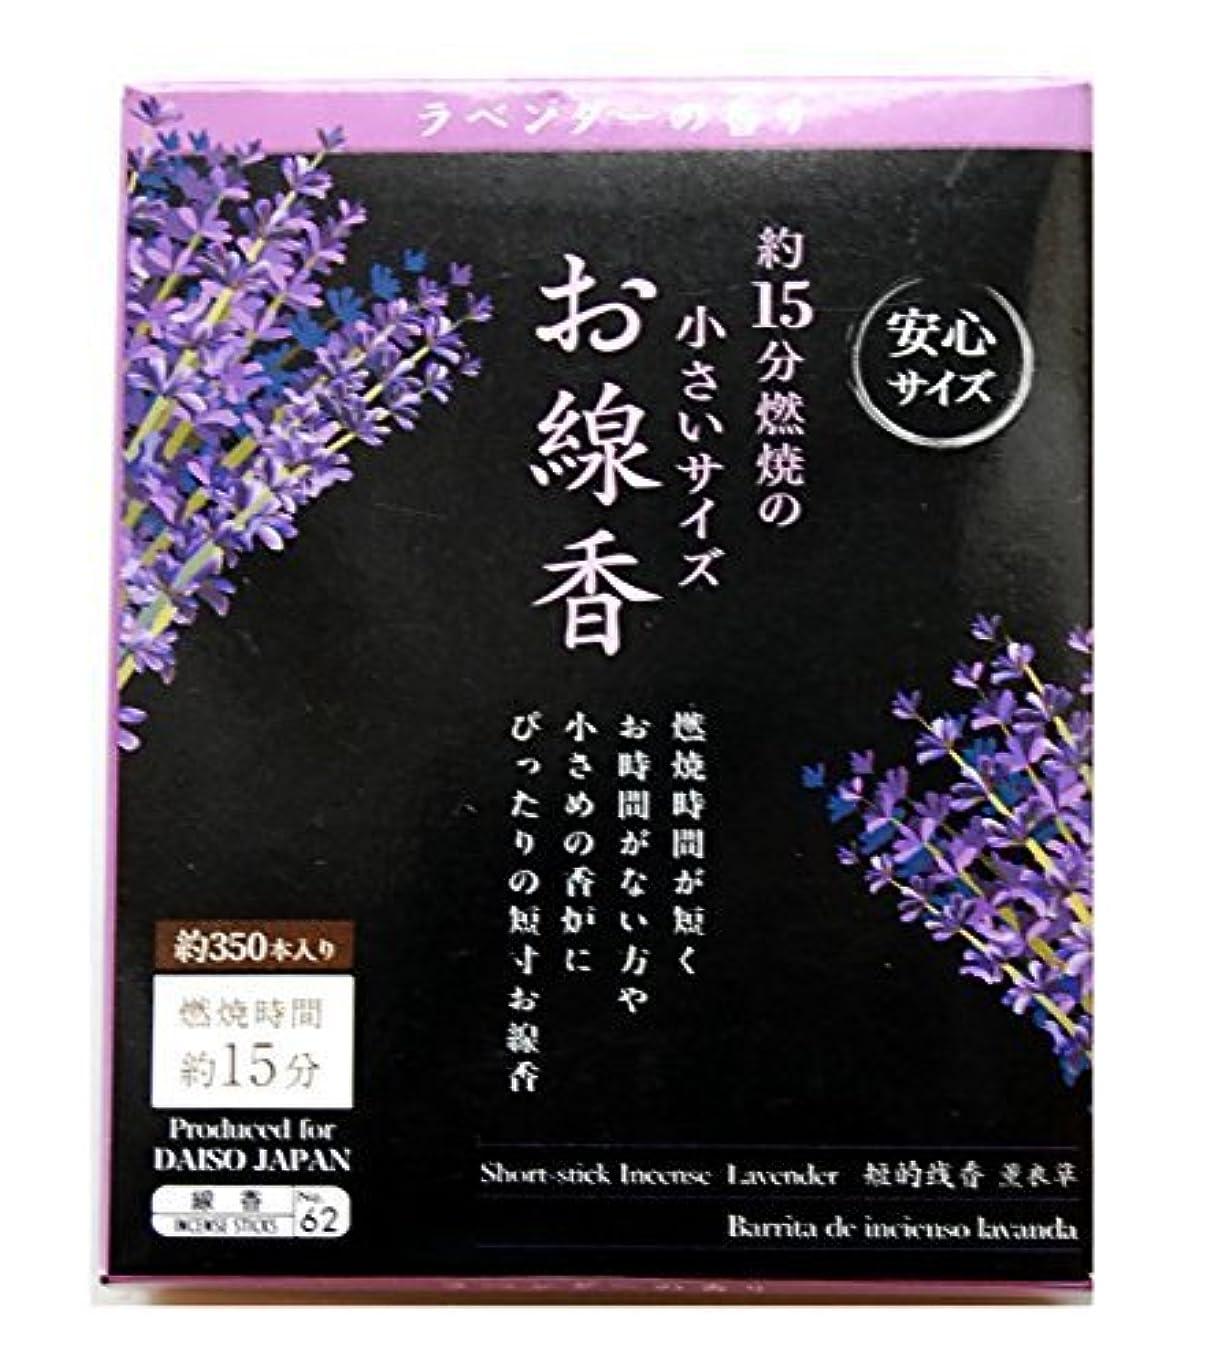 状態アデレード劣るDaiso Senko Japaneseお香ラベンダーショートスティック9 cm-15min / 350 sticks